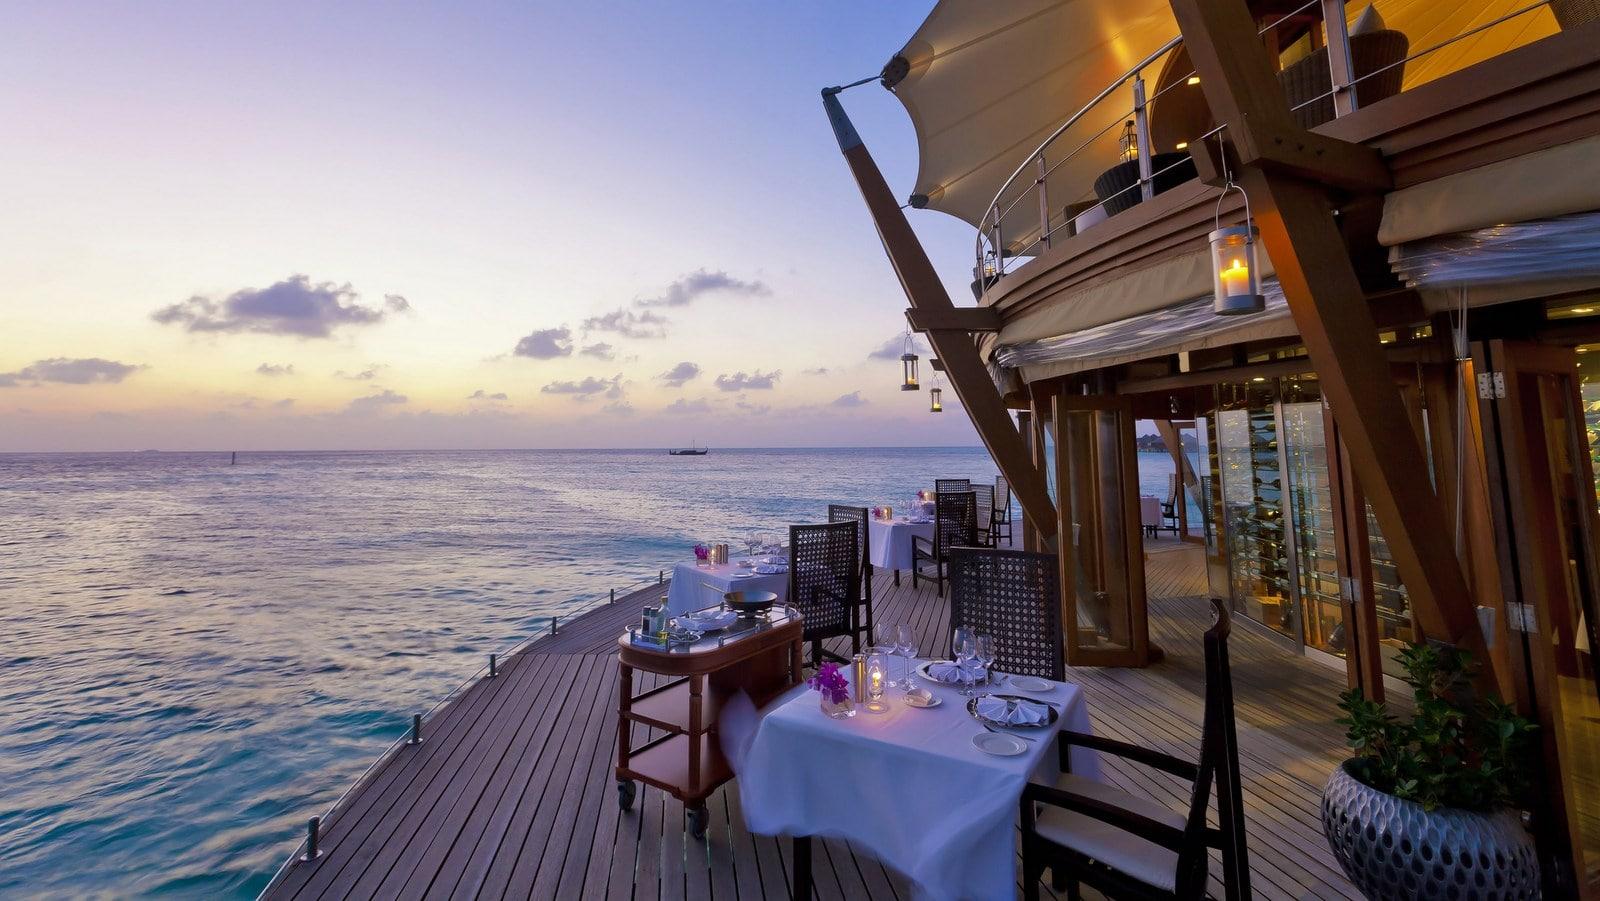 Мальдивы, отель Baros Maldives, ресторан Lighthousee